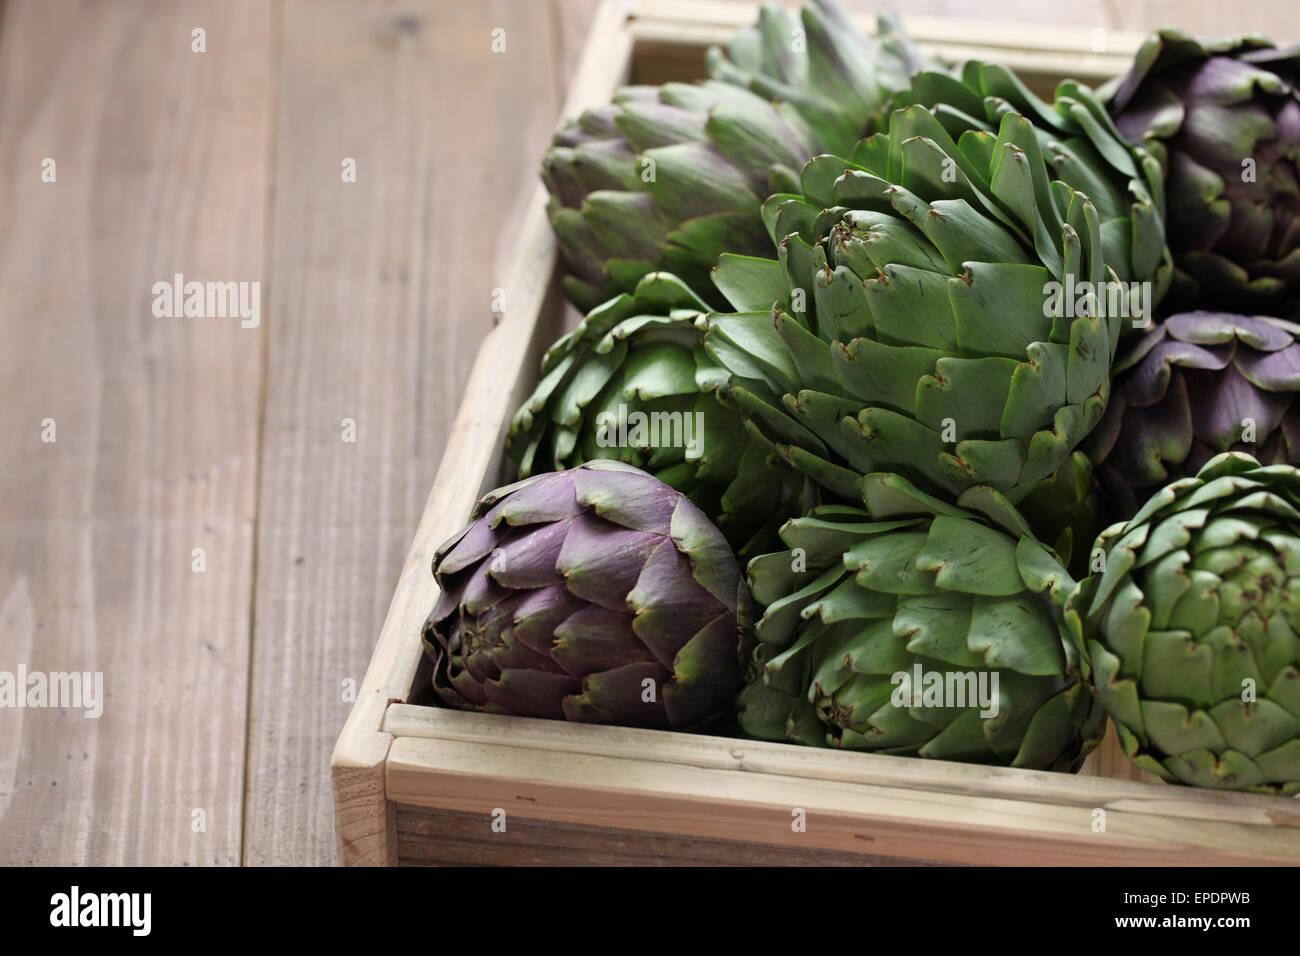 Artichauts en boîte en bois isolé sur fond de bois Photo Stock